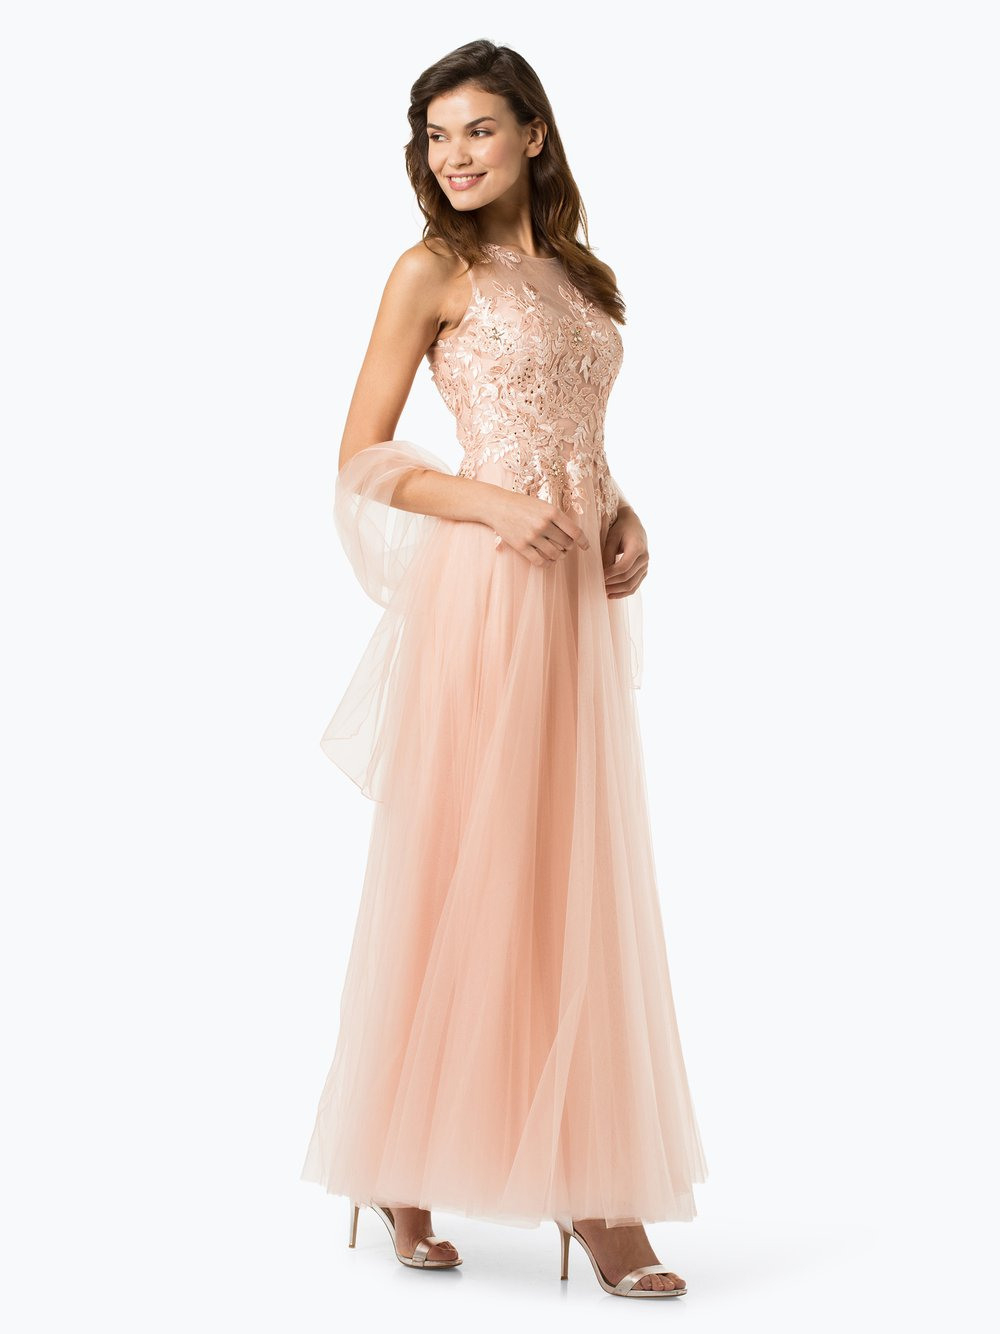 Formal Einzigartig Abendkleider Damen Bester Preis17 Spektakulär Abendkleider Damen Stylish